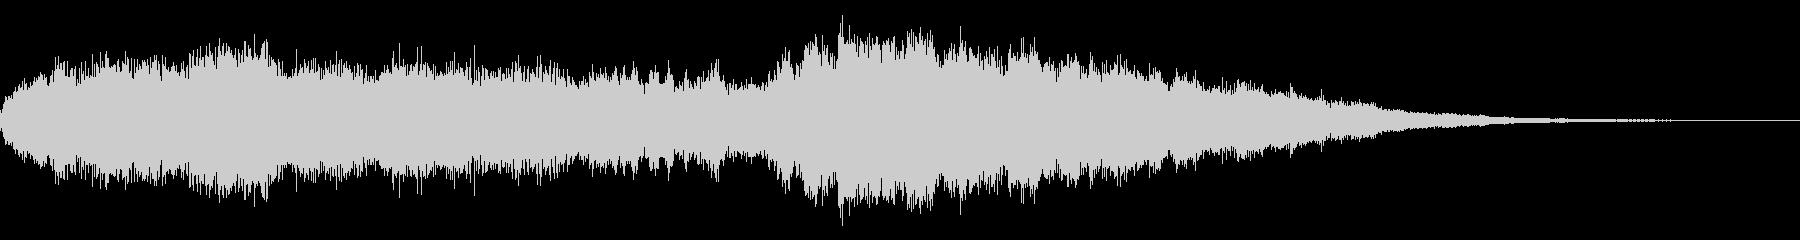 サウンドロゴ、ジングル(ベル/シンセ)の未再生の波形